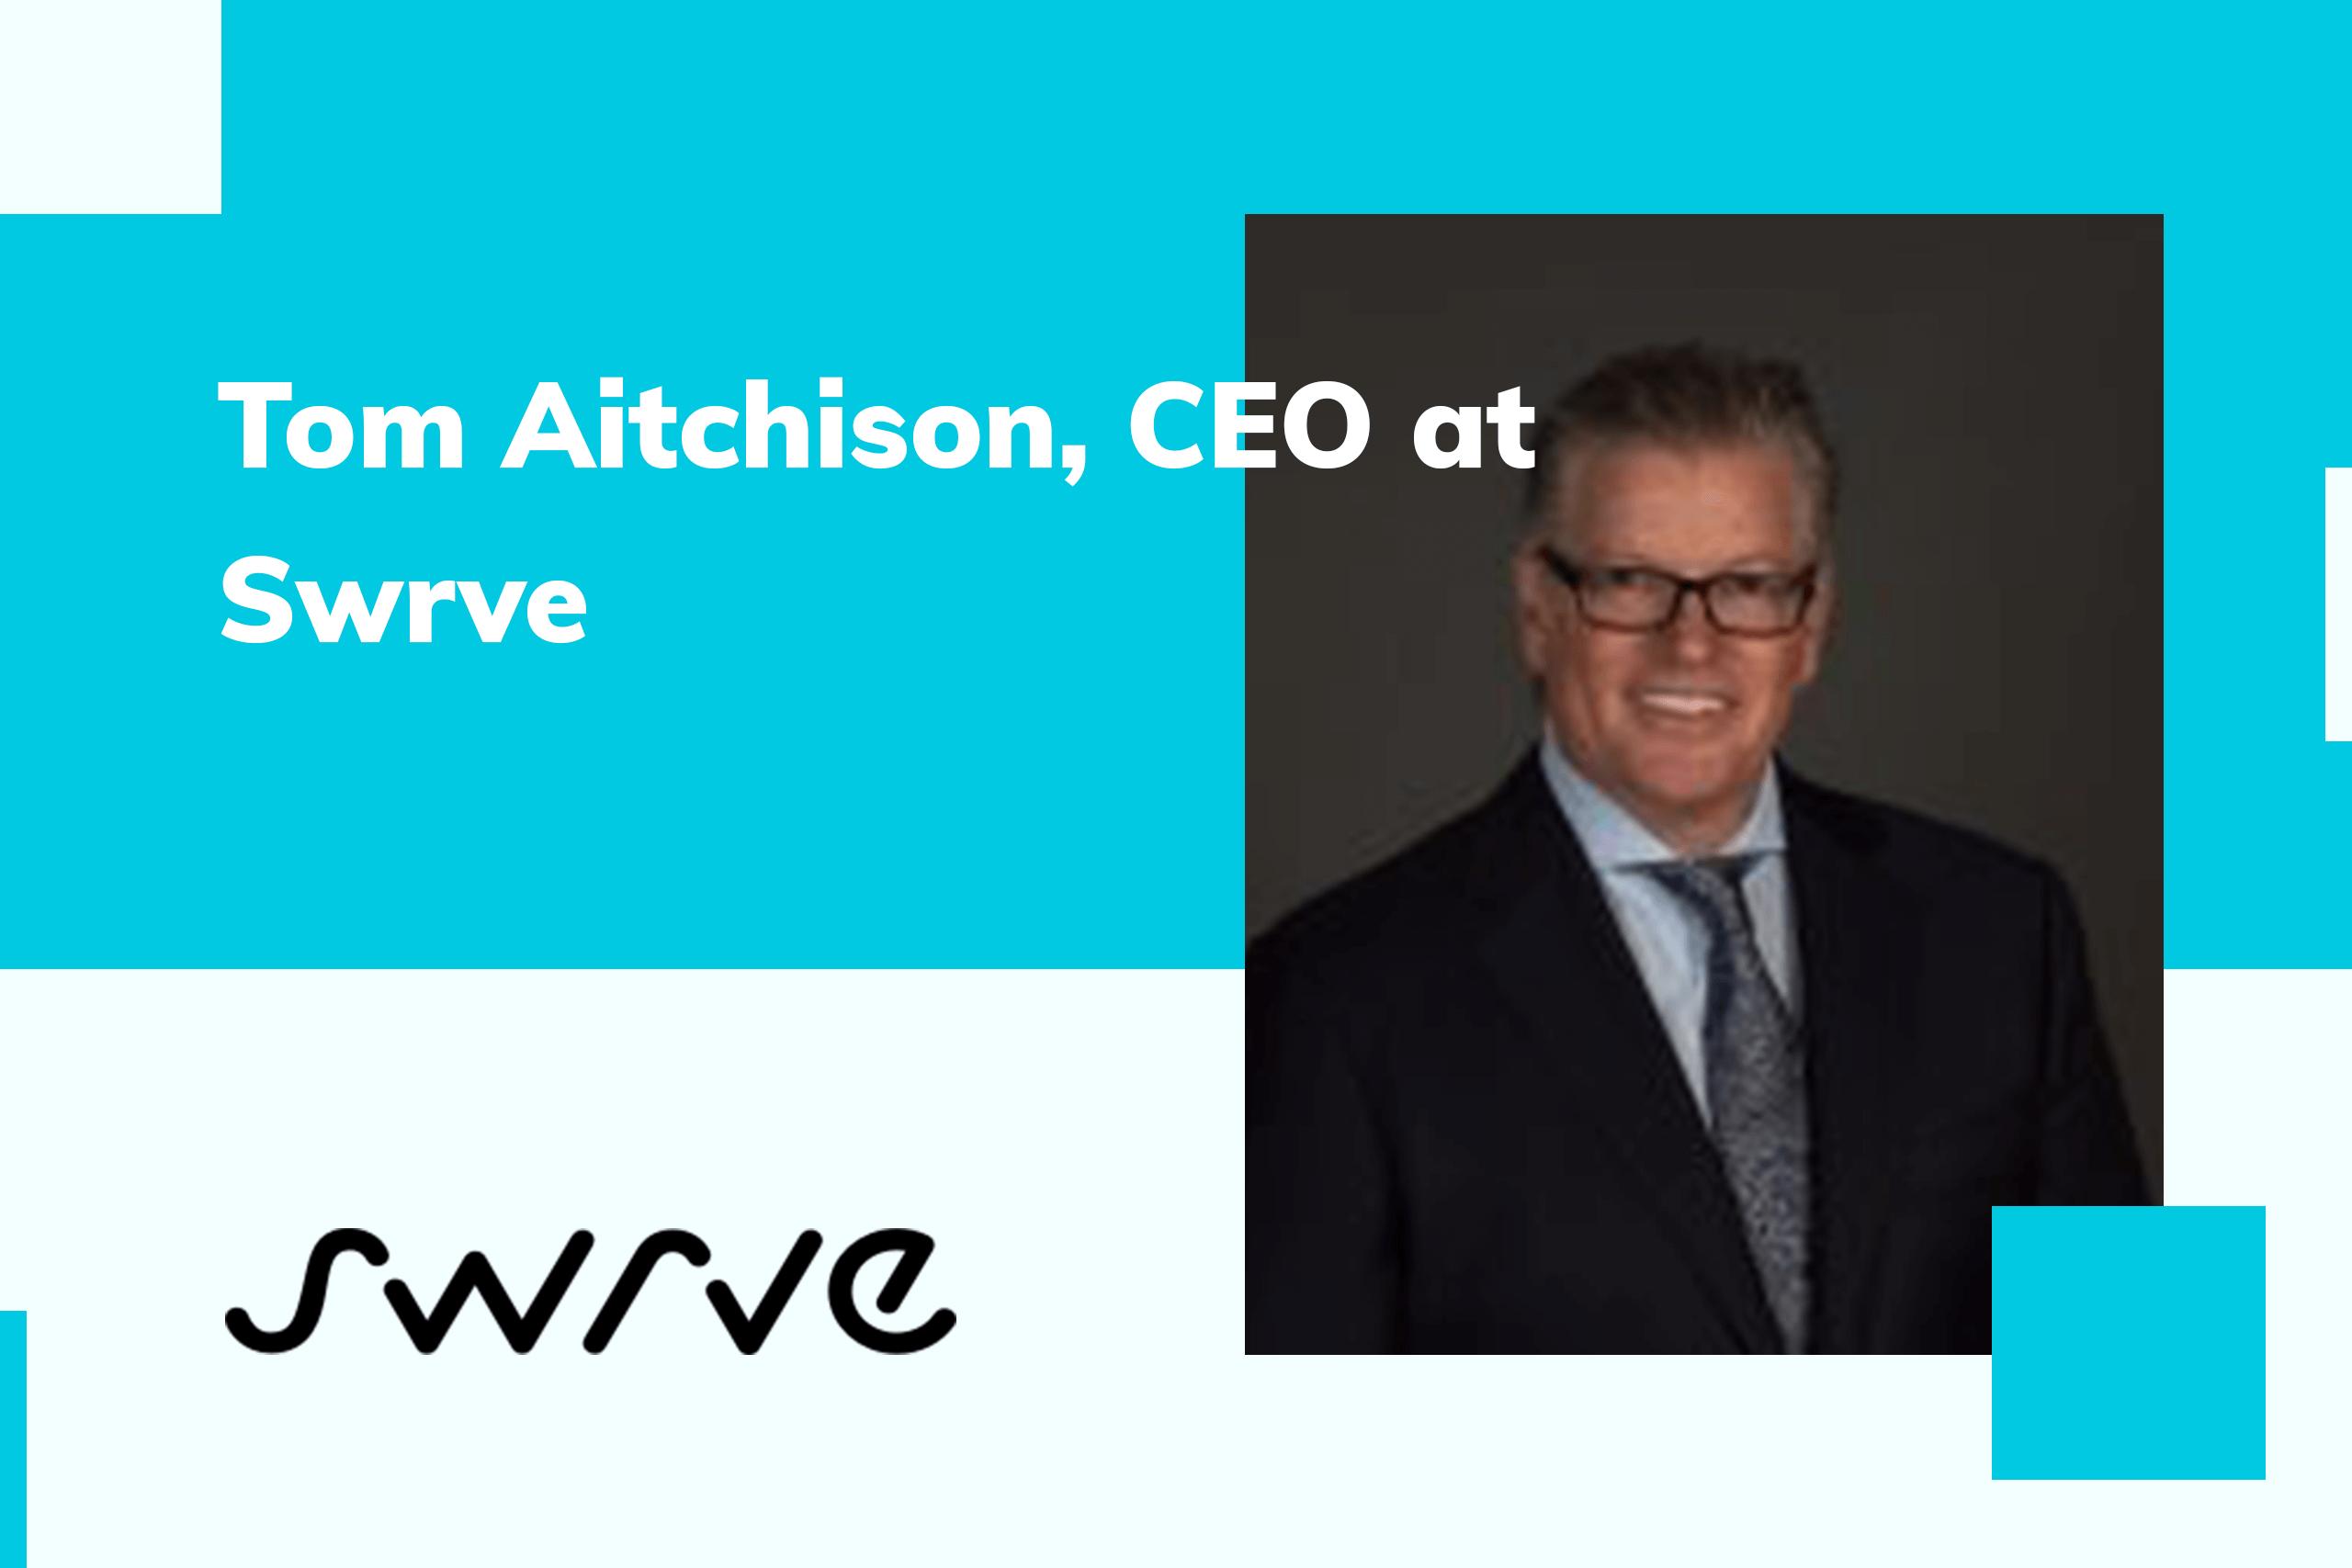 Tom Aitchison, CEO at Swrve